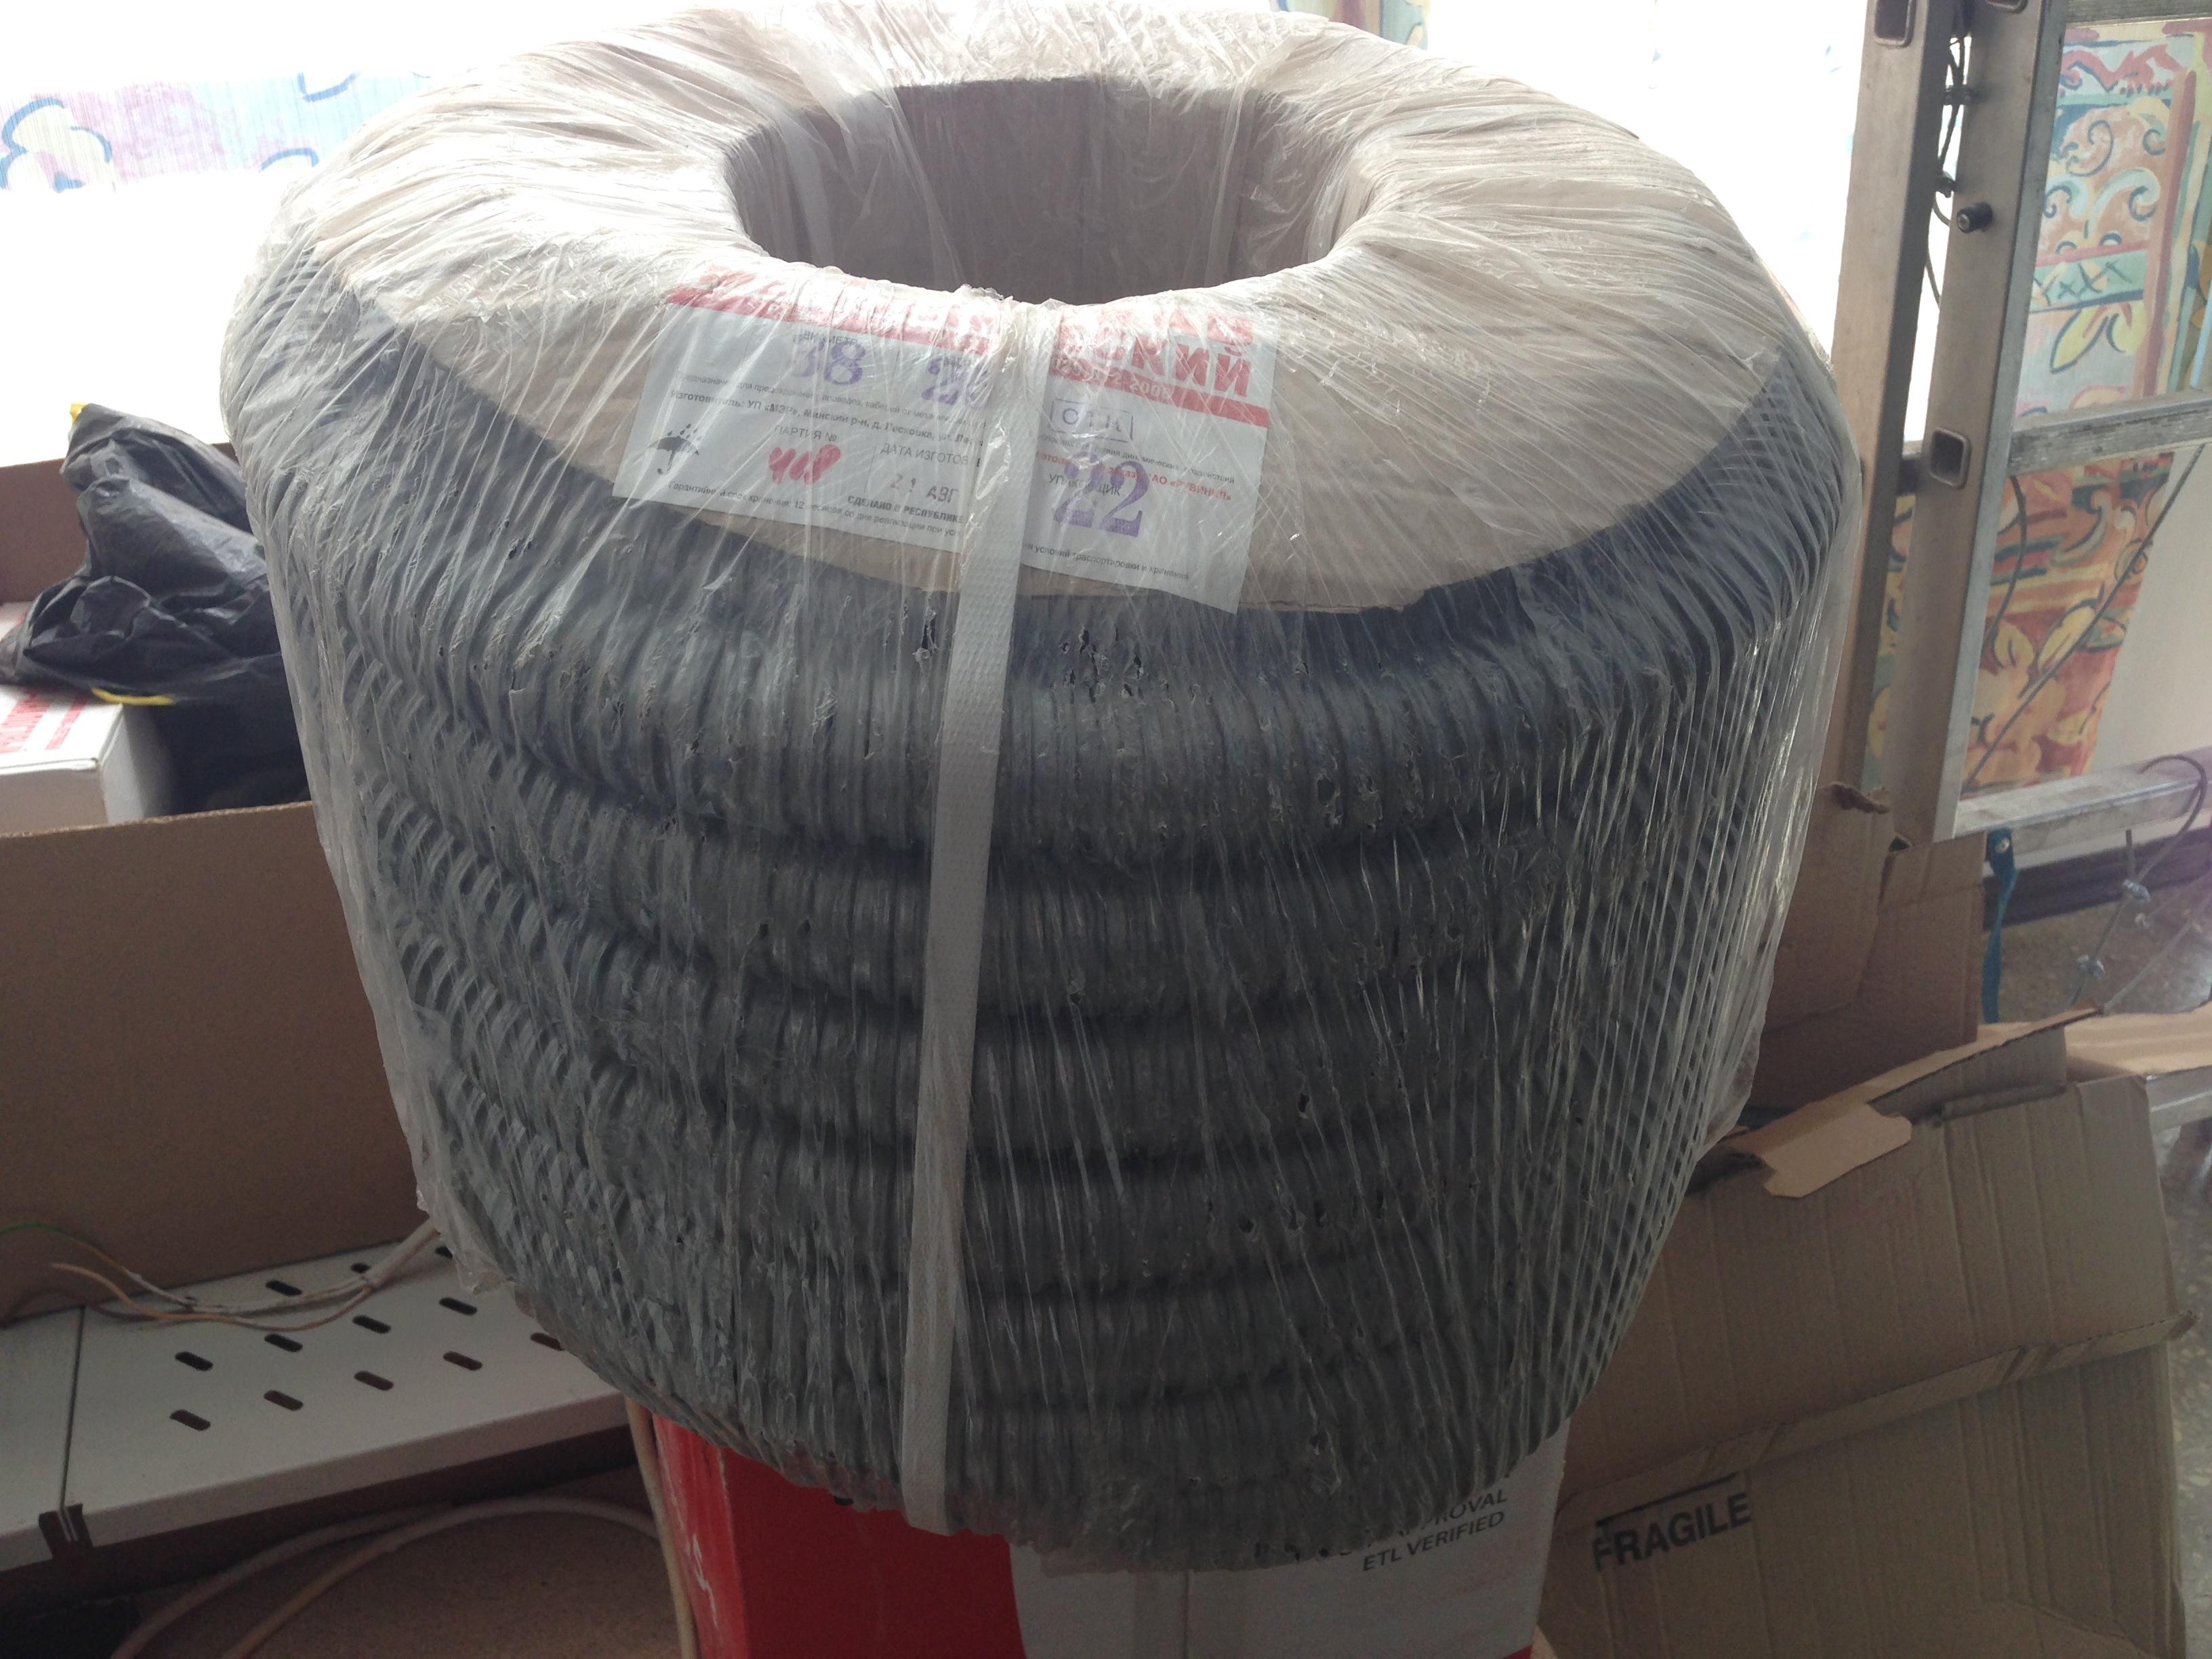 Металлорукав диаметр 38 - купить в интернет магазине с доставкой, цены, описание, характеристики, отзывы